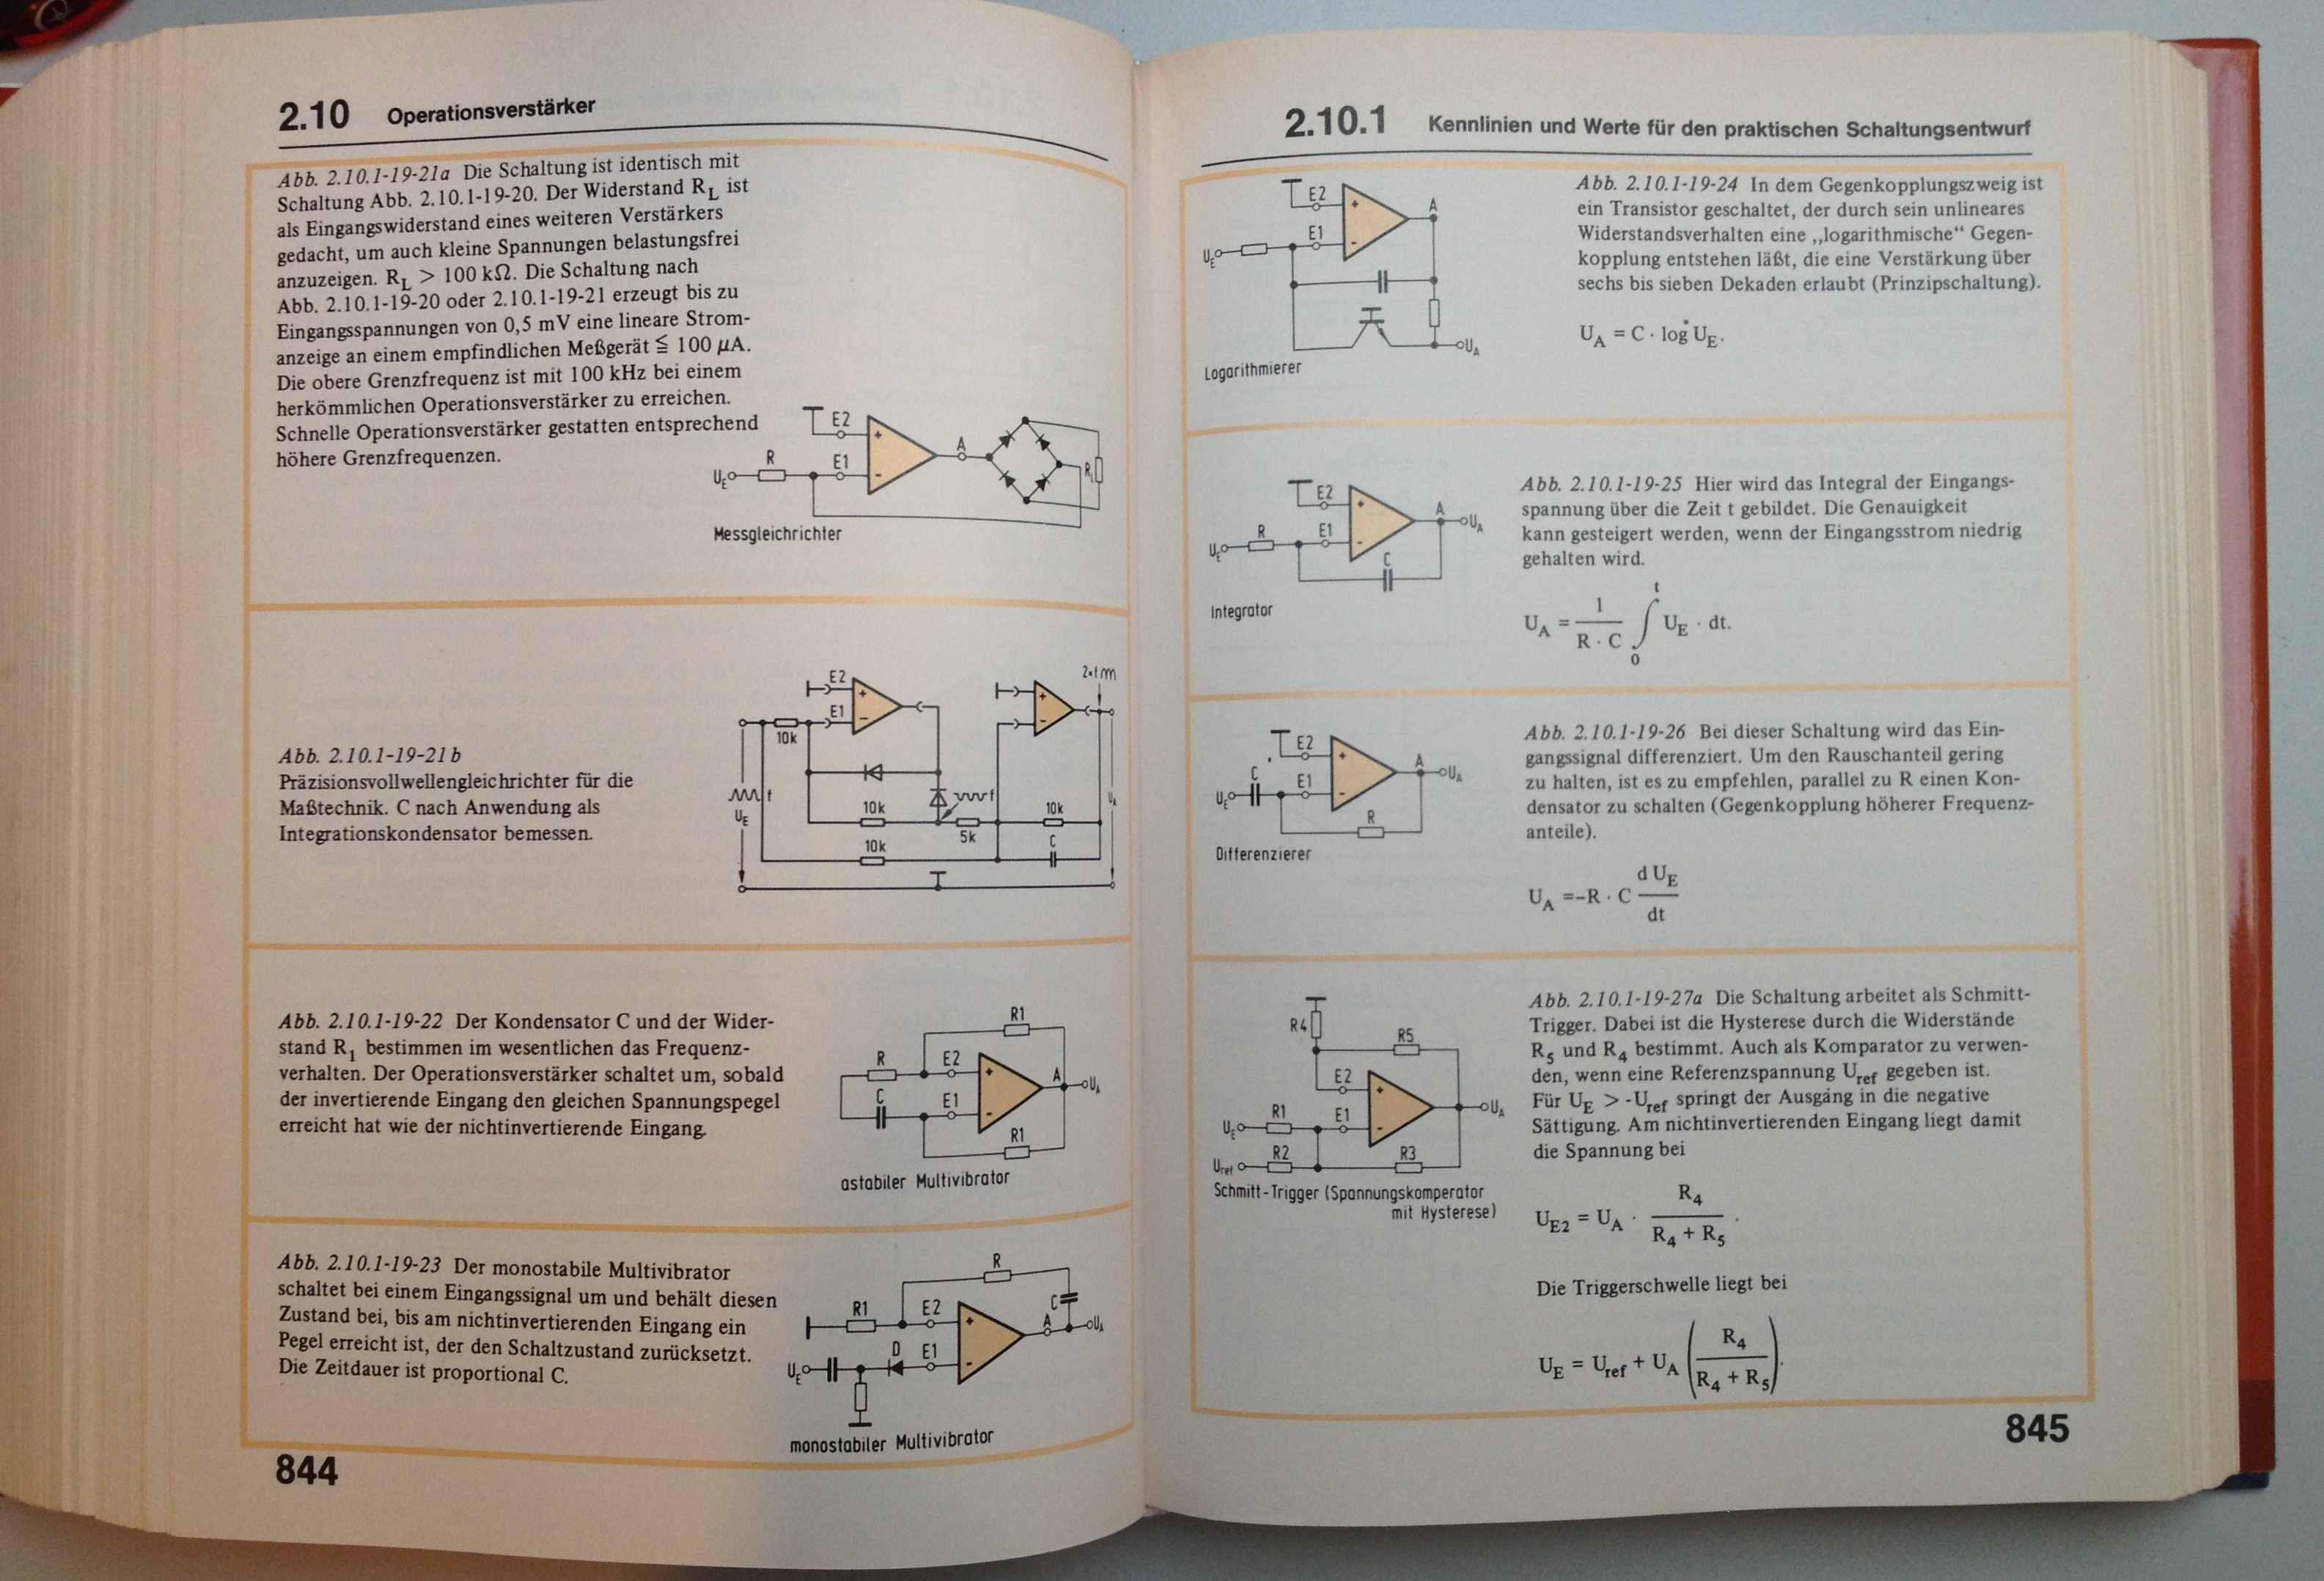 Schön Einfacher Elektrischer Schaltplan Fotos - Verdrahtungsideen ...